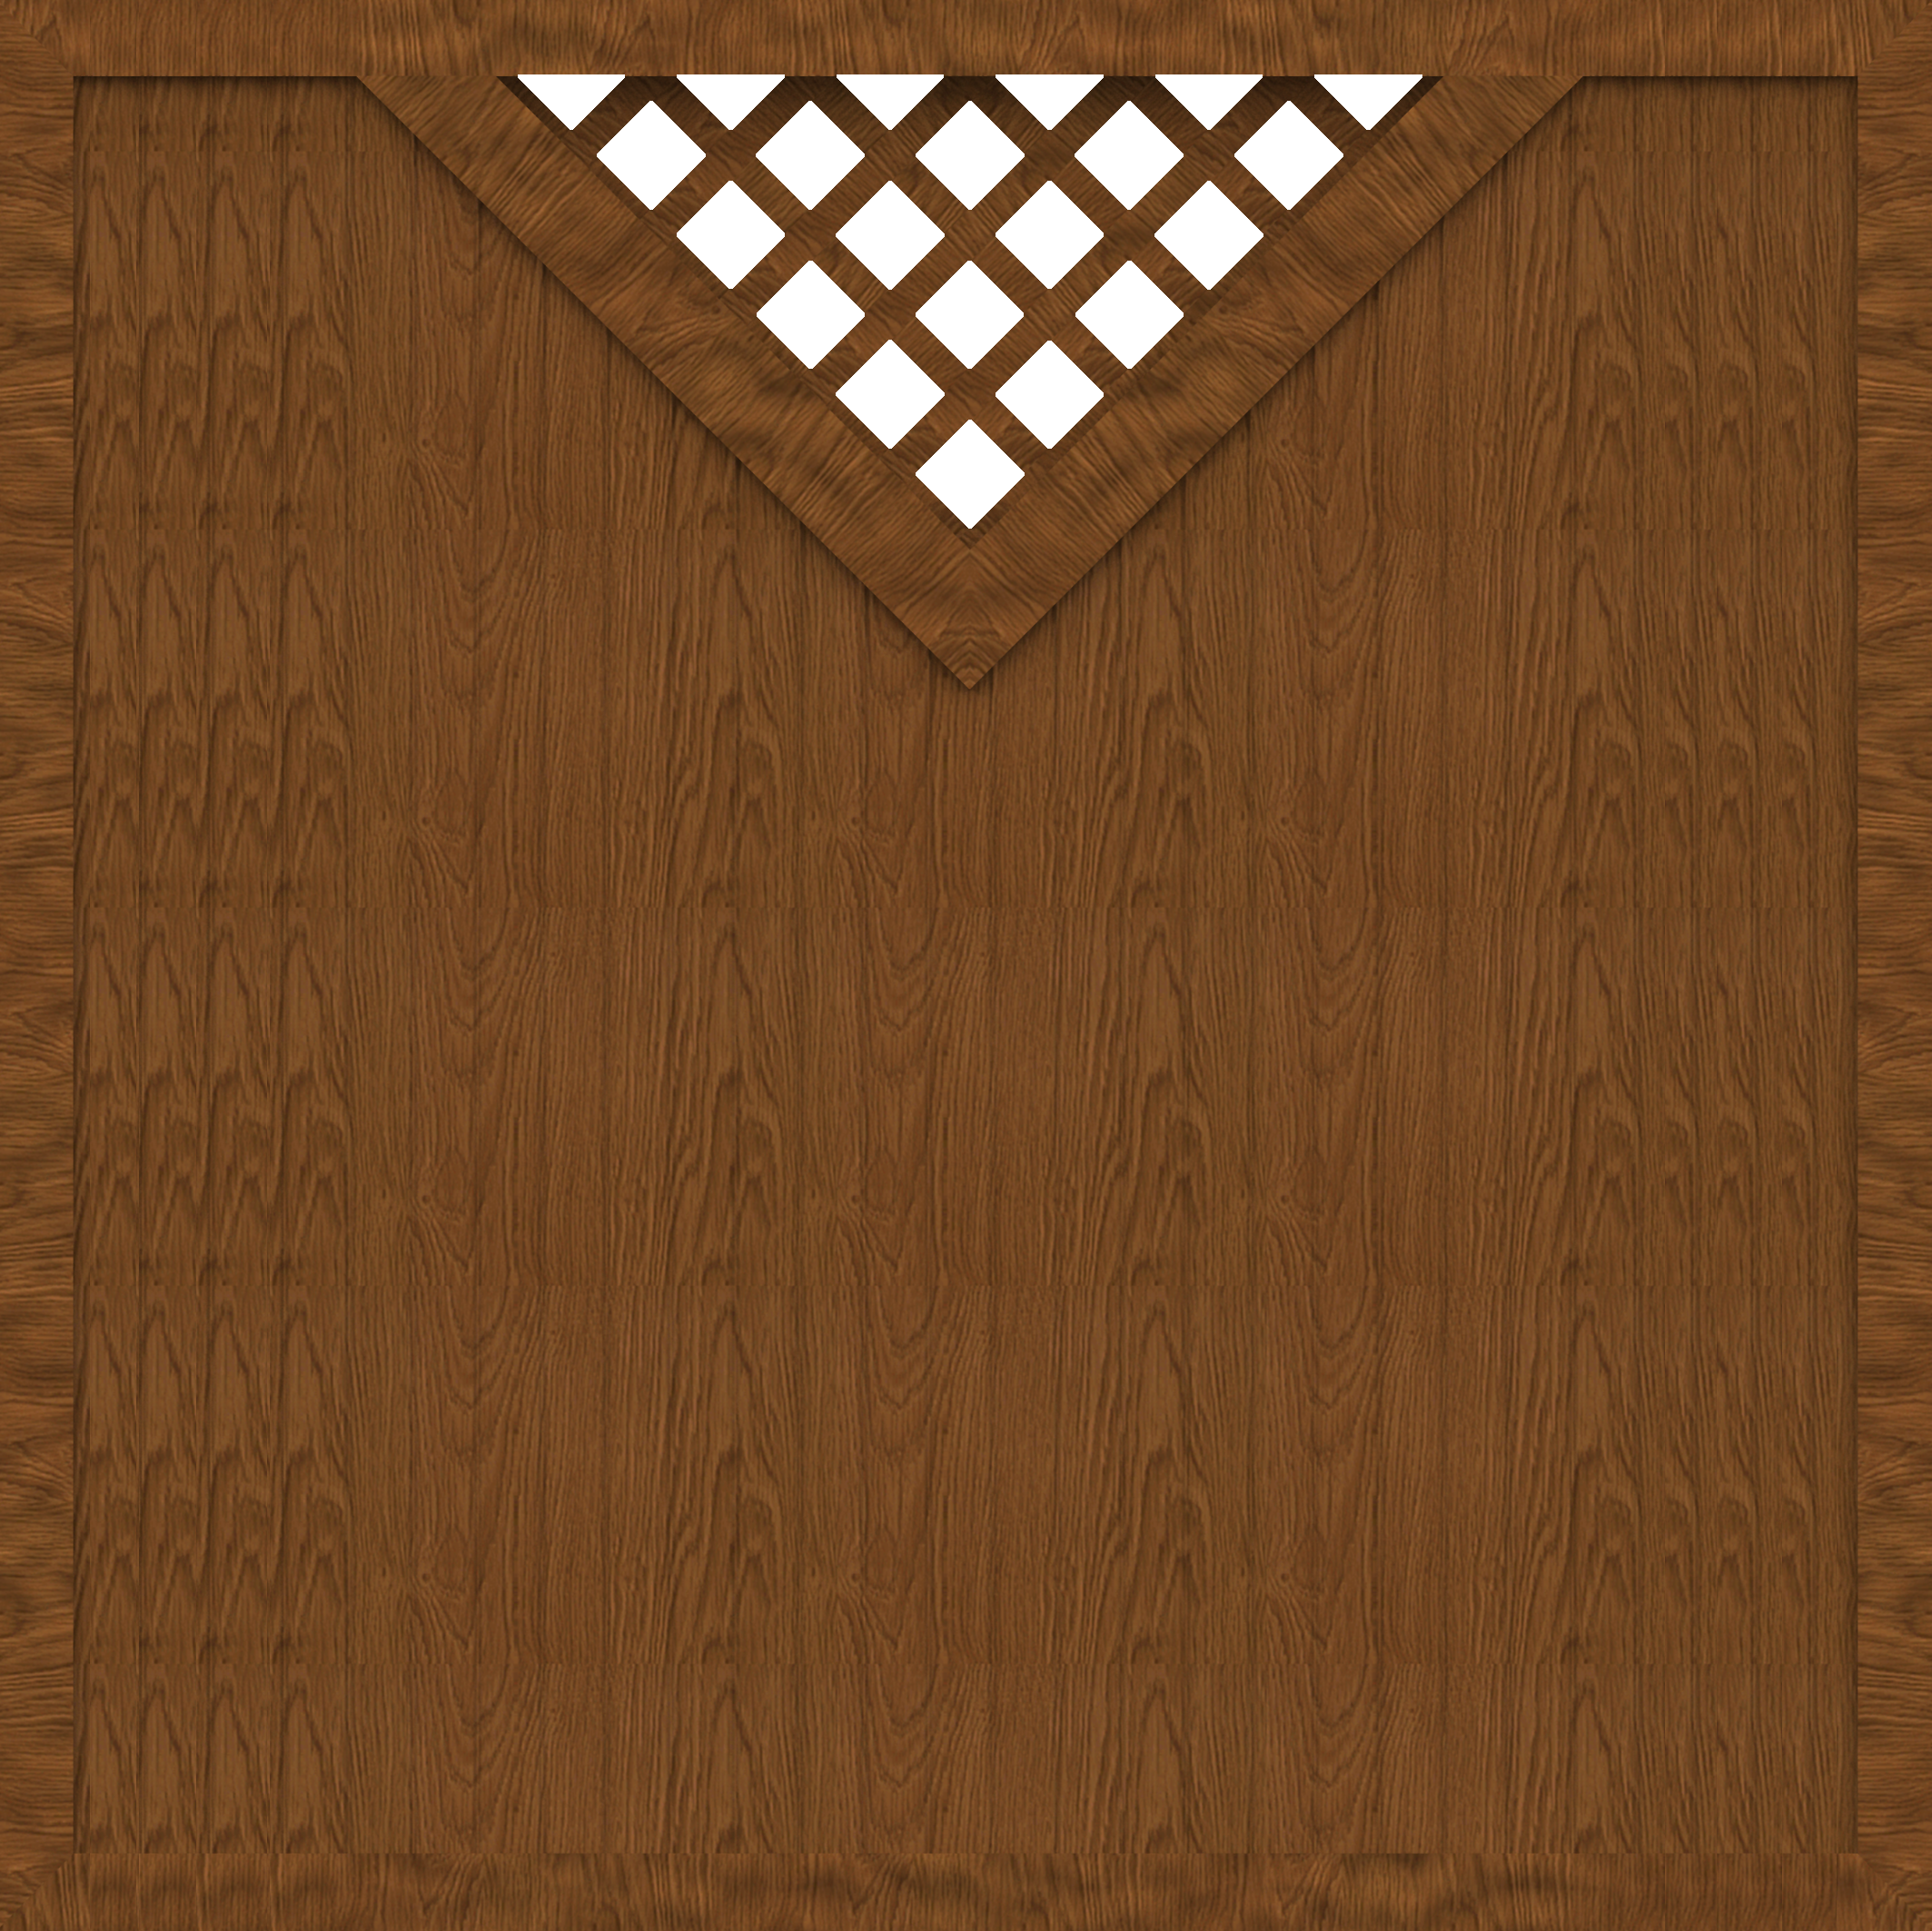 basicline sichtschutz typ b180 holzdekor 180x180 cm z une z une sichtschutzelemente im. Black Bedroom Furniture Sets. Home Design Ideas